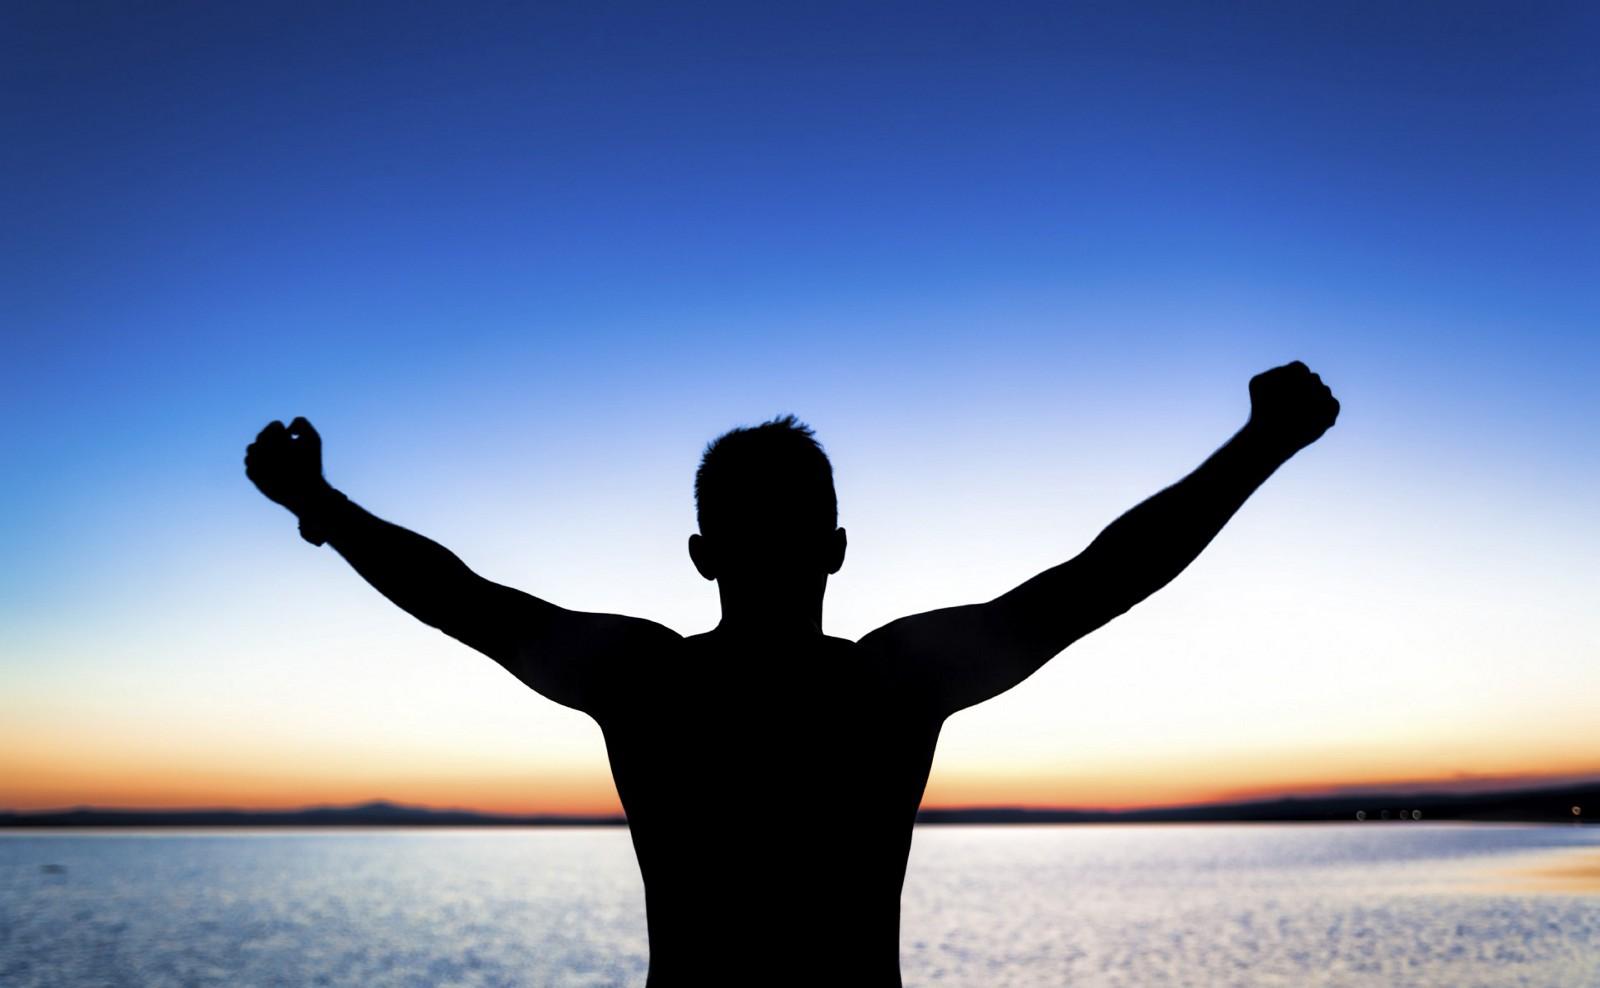 Triệu phú tự thân tiết lộ bí quyết để thành công, hạnh phúc và giàu có ở tuổi 30